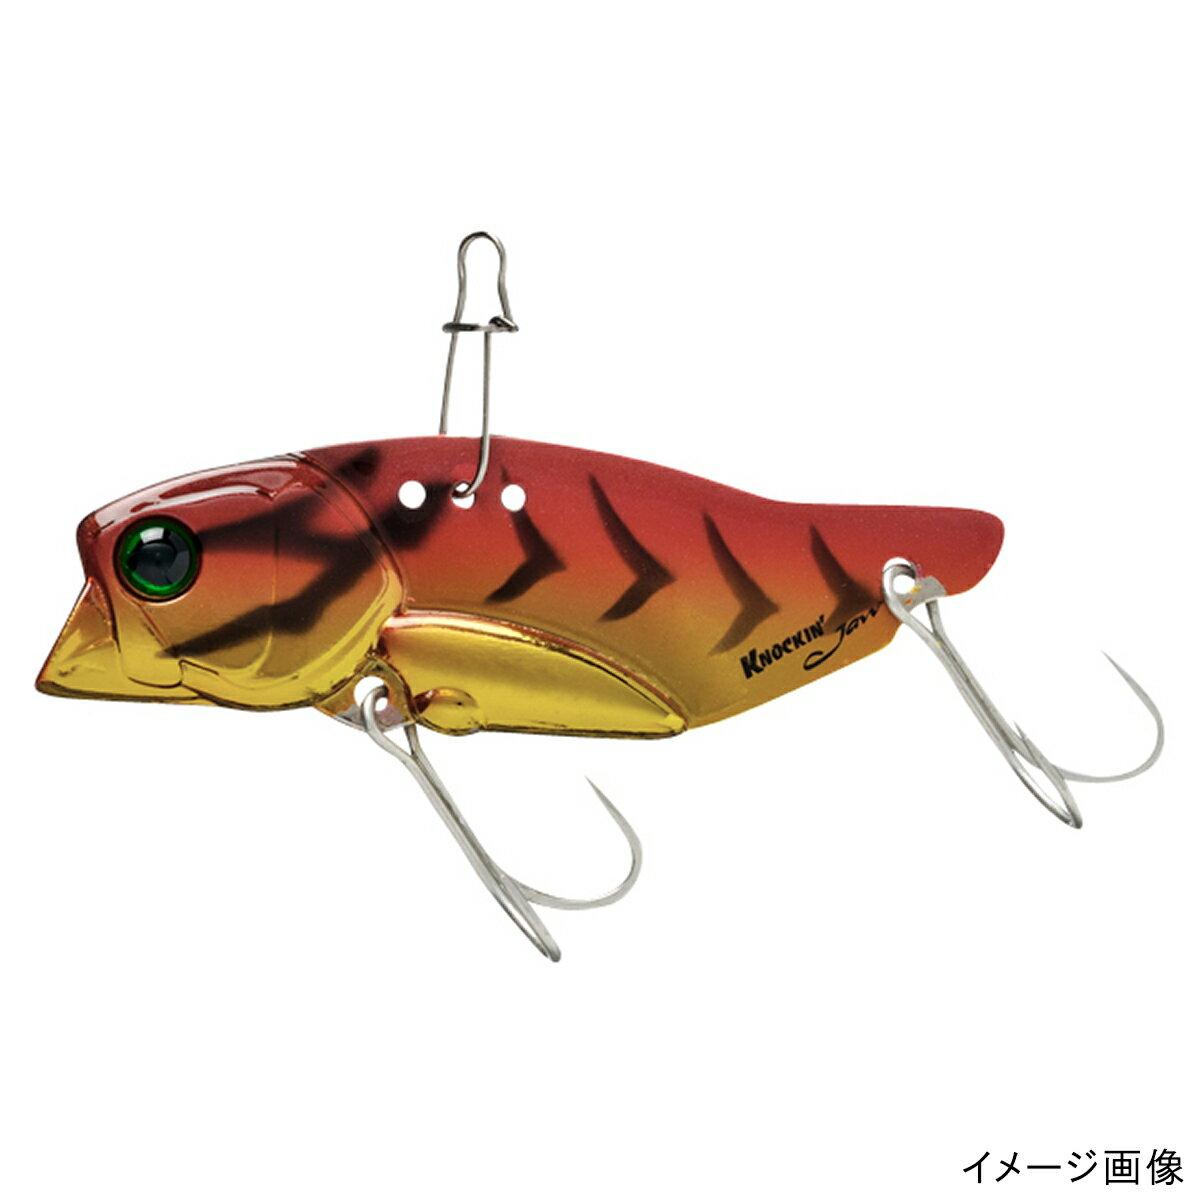 ジャッカル ノッキンジョー 1/4oz RGクロー【ゆうパケット】